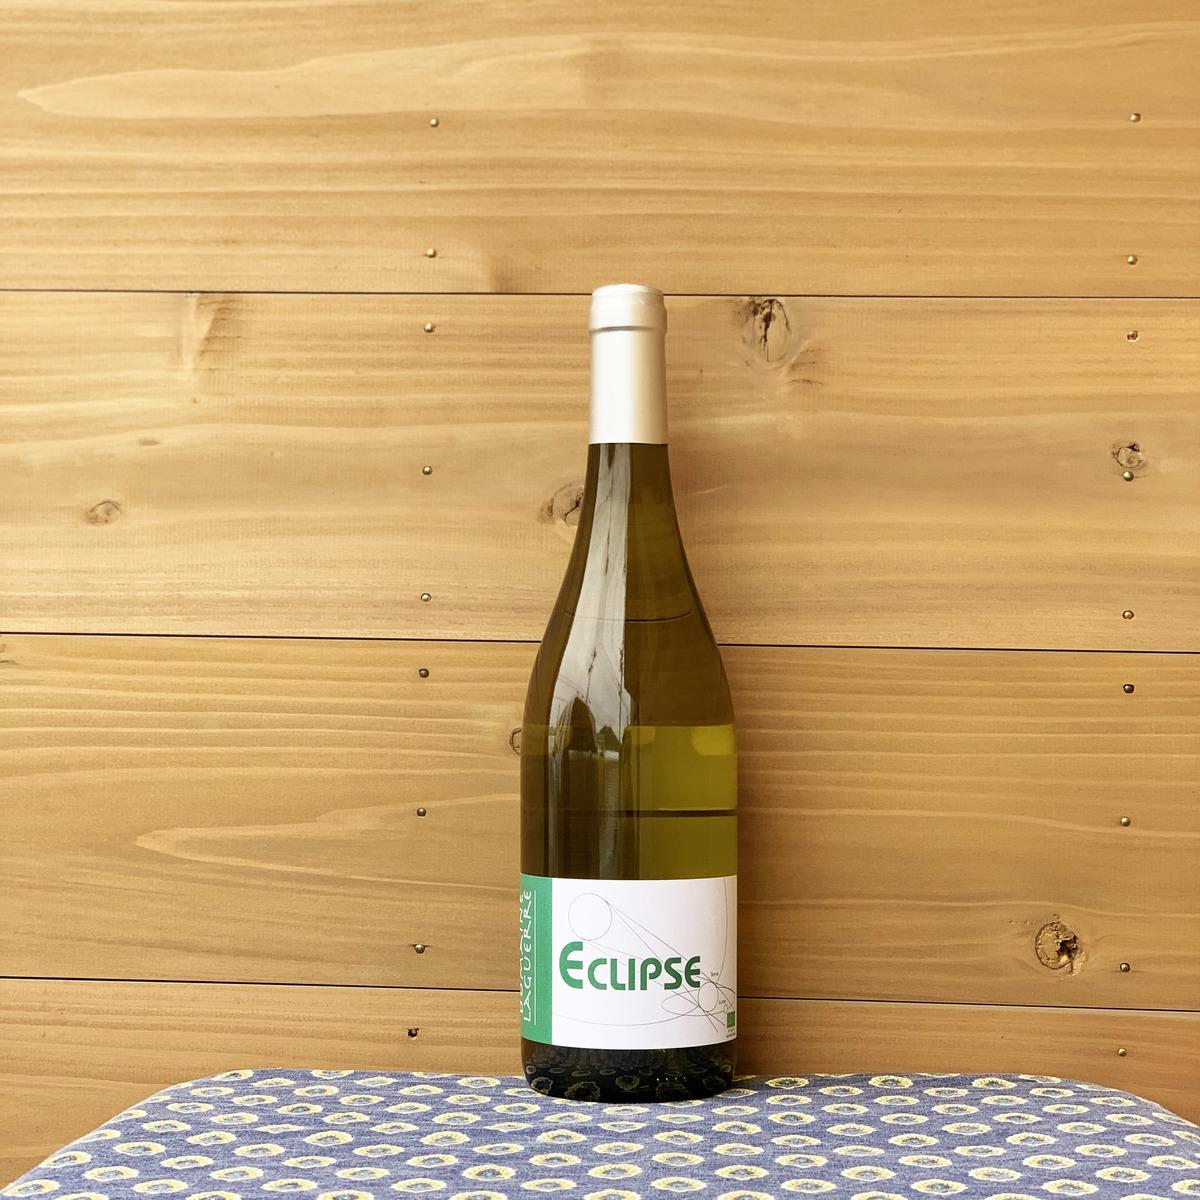 果実味たっぷり 旨味もたっぷり それでいてきれいな酸とミネラルが感じられるバランスの良い1本 ドメーヌ 激安超特価 ラゲール エクリプス フランス 白ワイン '16 自然派ワイン ブラン ルシヨン地方 セール特価品